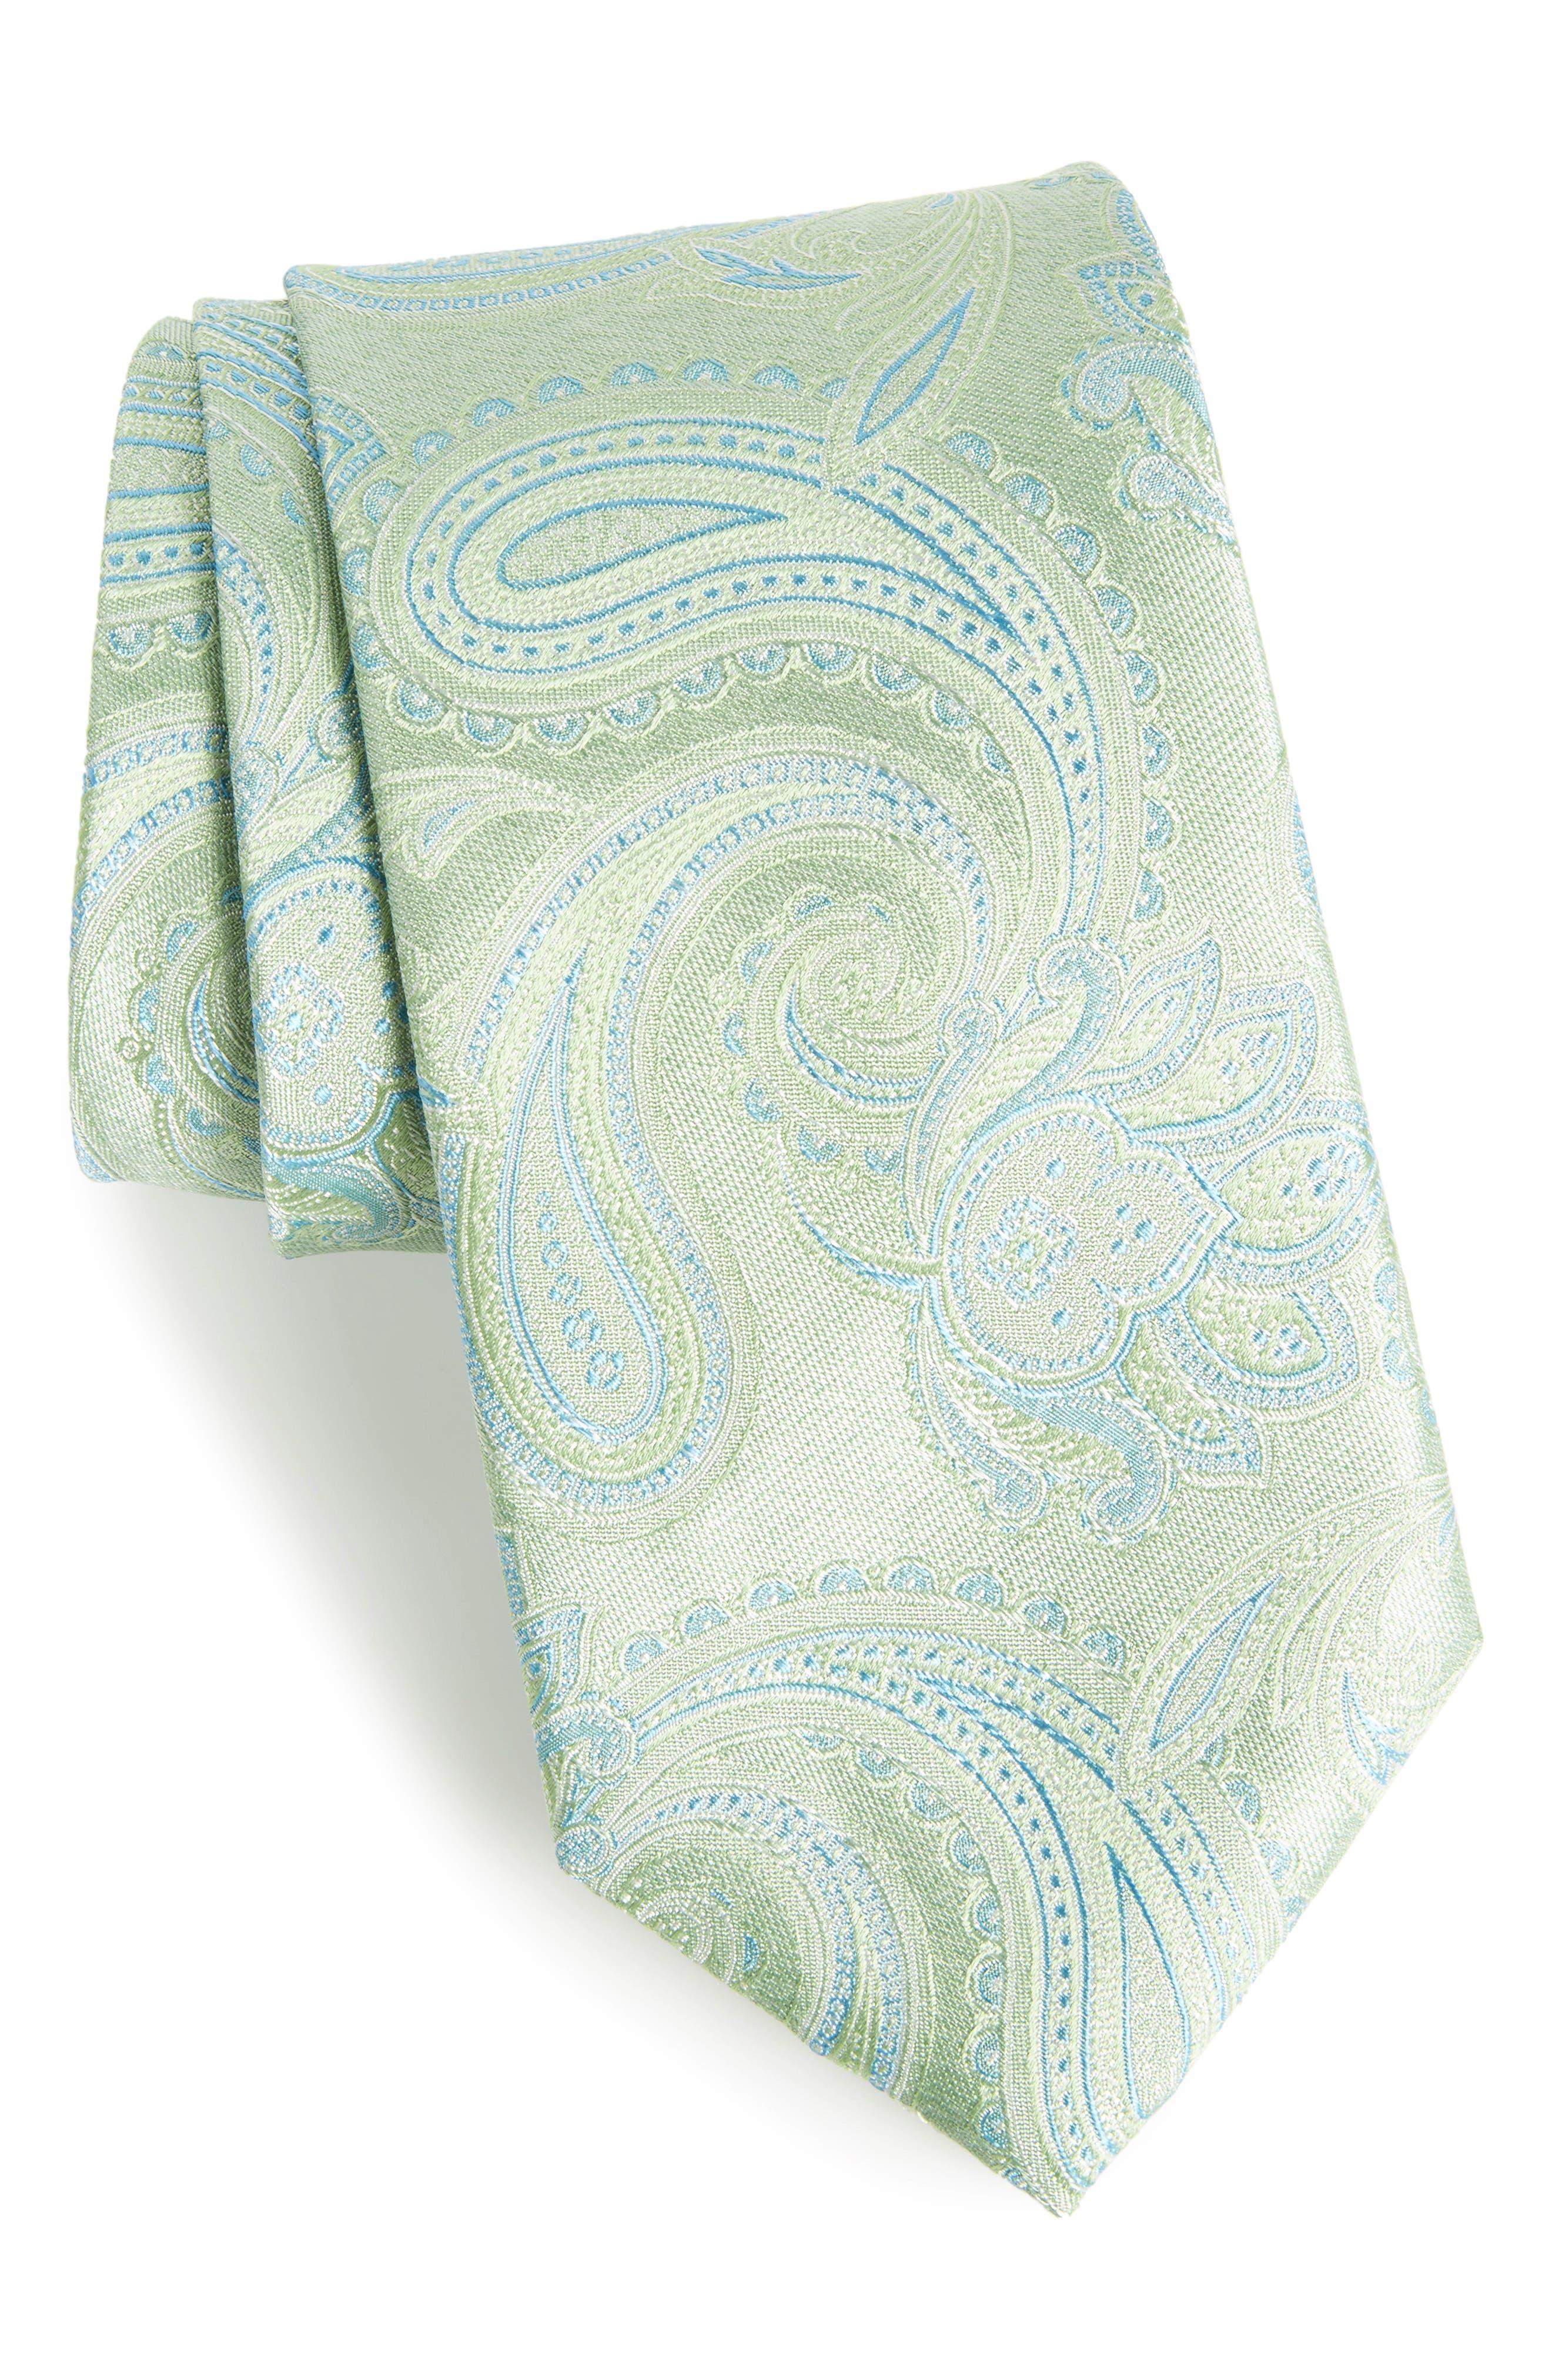 Nordstrom Men's Shop Barga Paisley Silk Tie